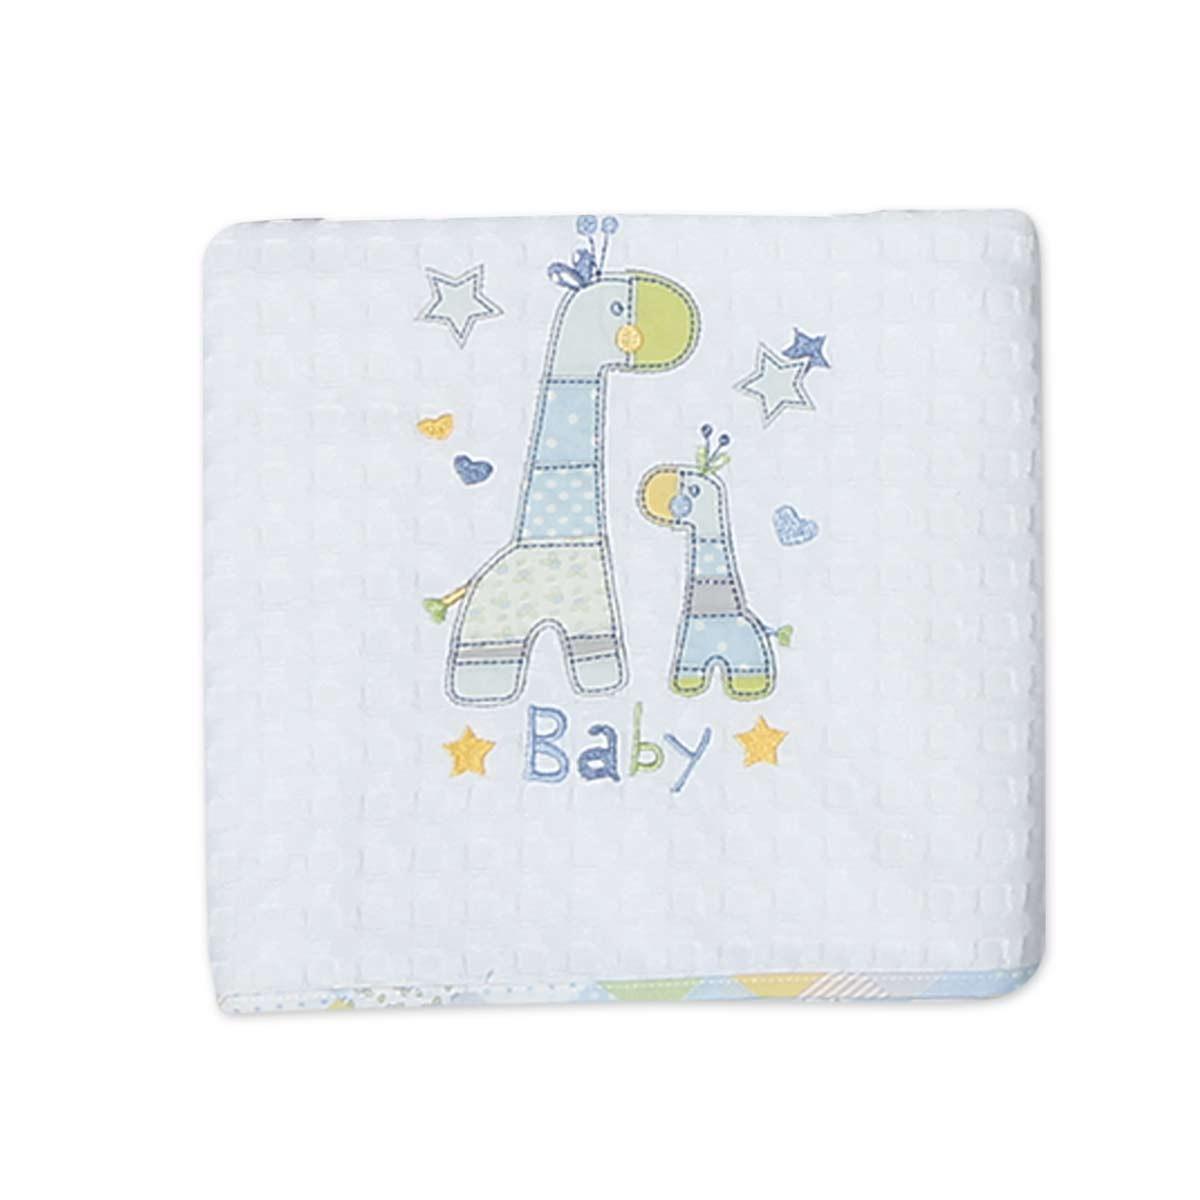 Κουβέρτα Πικέ Κούνιας Nef-Nef Baby Baby Girafe home   βρεφικά   κουβέρτες βρεφικές   κουβέρτες καλοκαιρινές